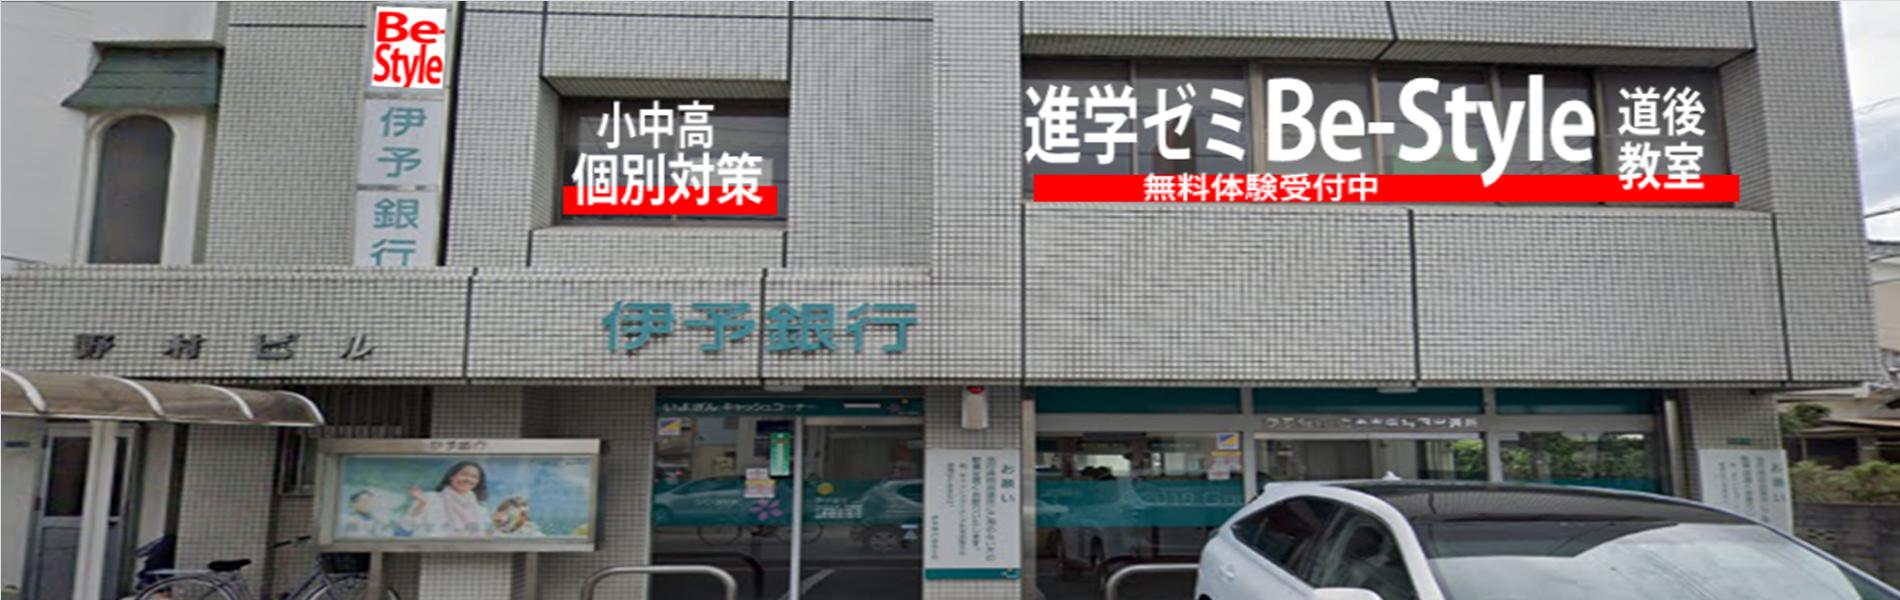 松山市・伊予市にあるプロ講師の指導による「自立型個別対応専門塾」の進学ゼミBe Style(ビースタイル)。プロ講師による小、中、高の一貫教育で一人ひとりの個別学力向上を追及しています。2週間無料体験や転塾支援制度も実施しています。